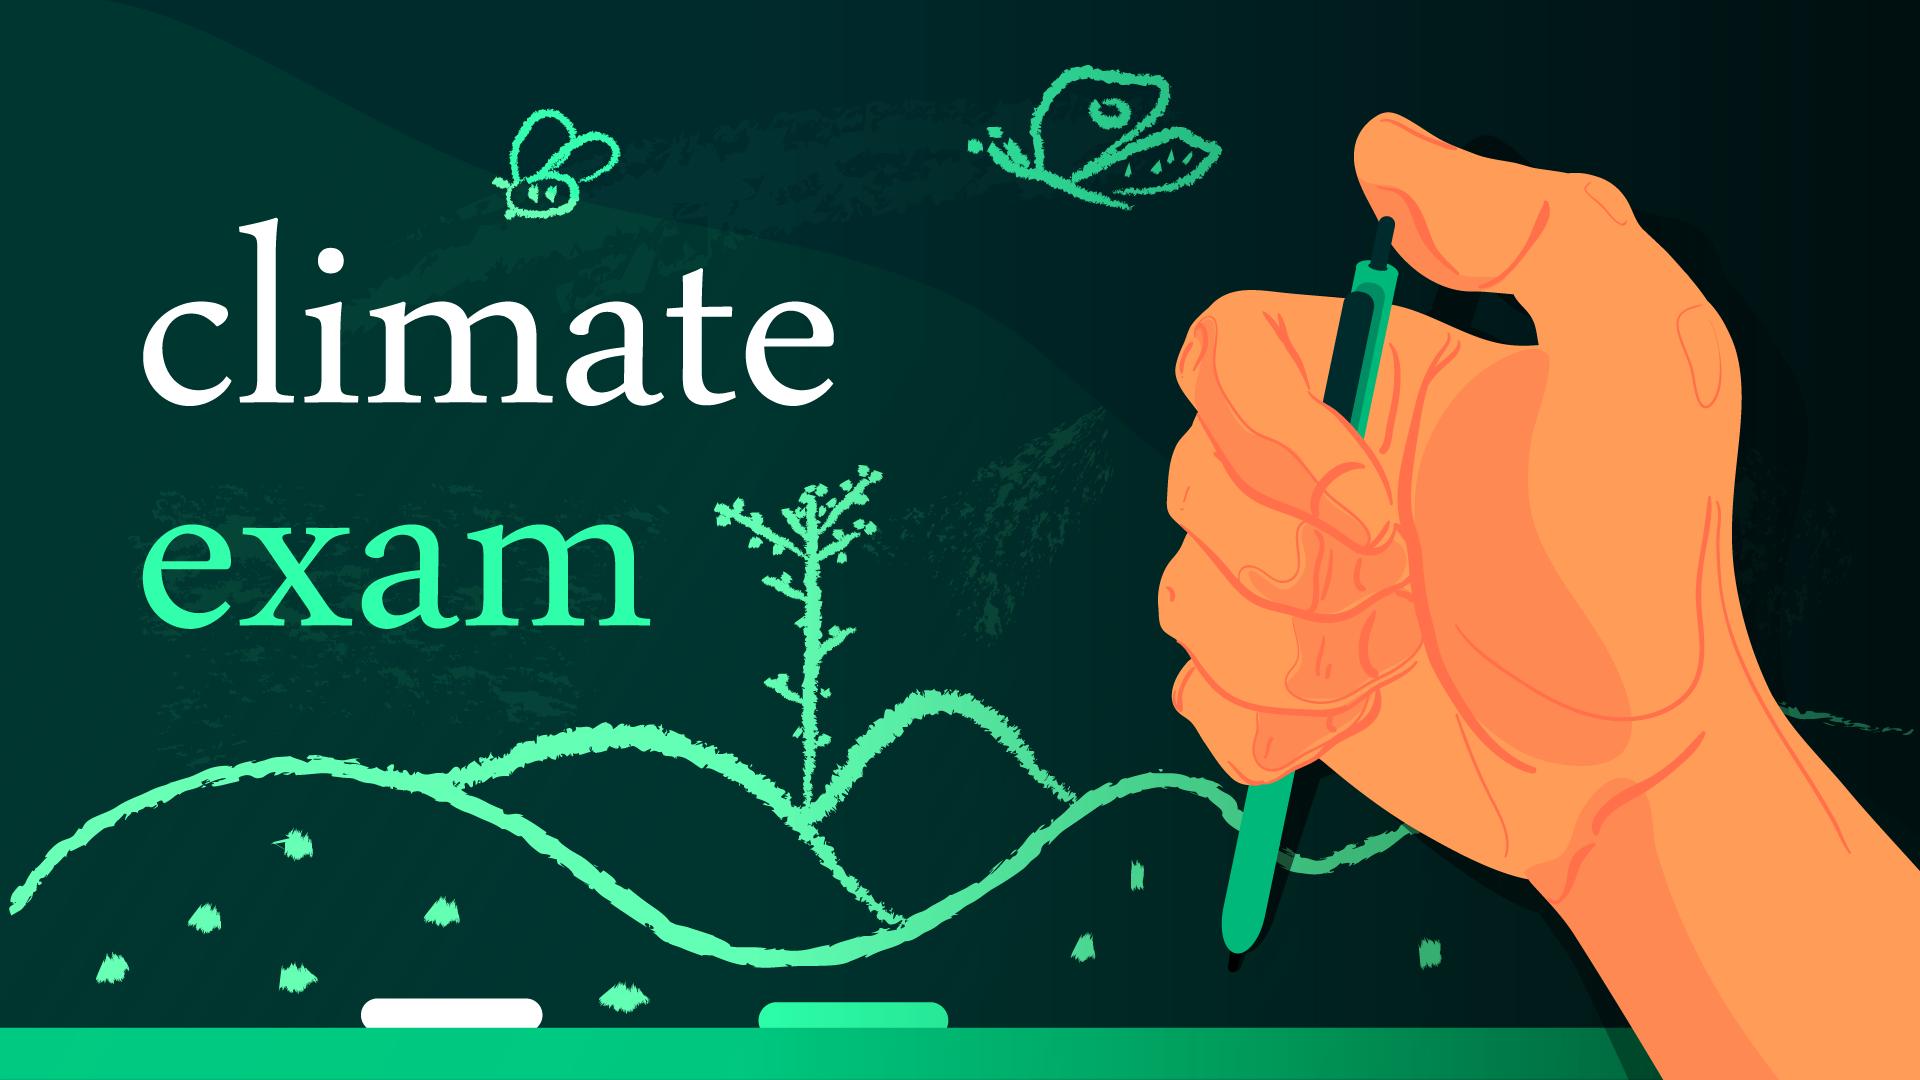 climate exam